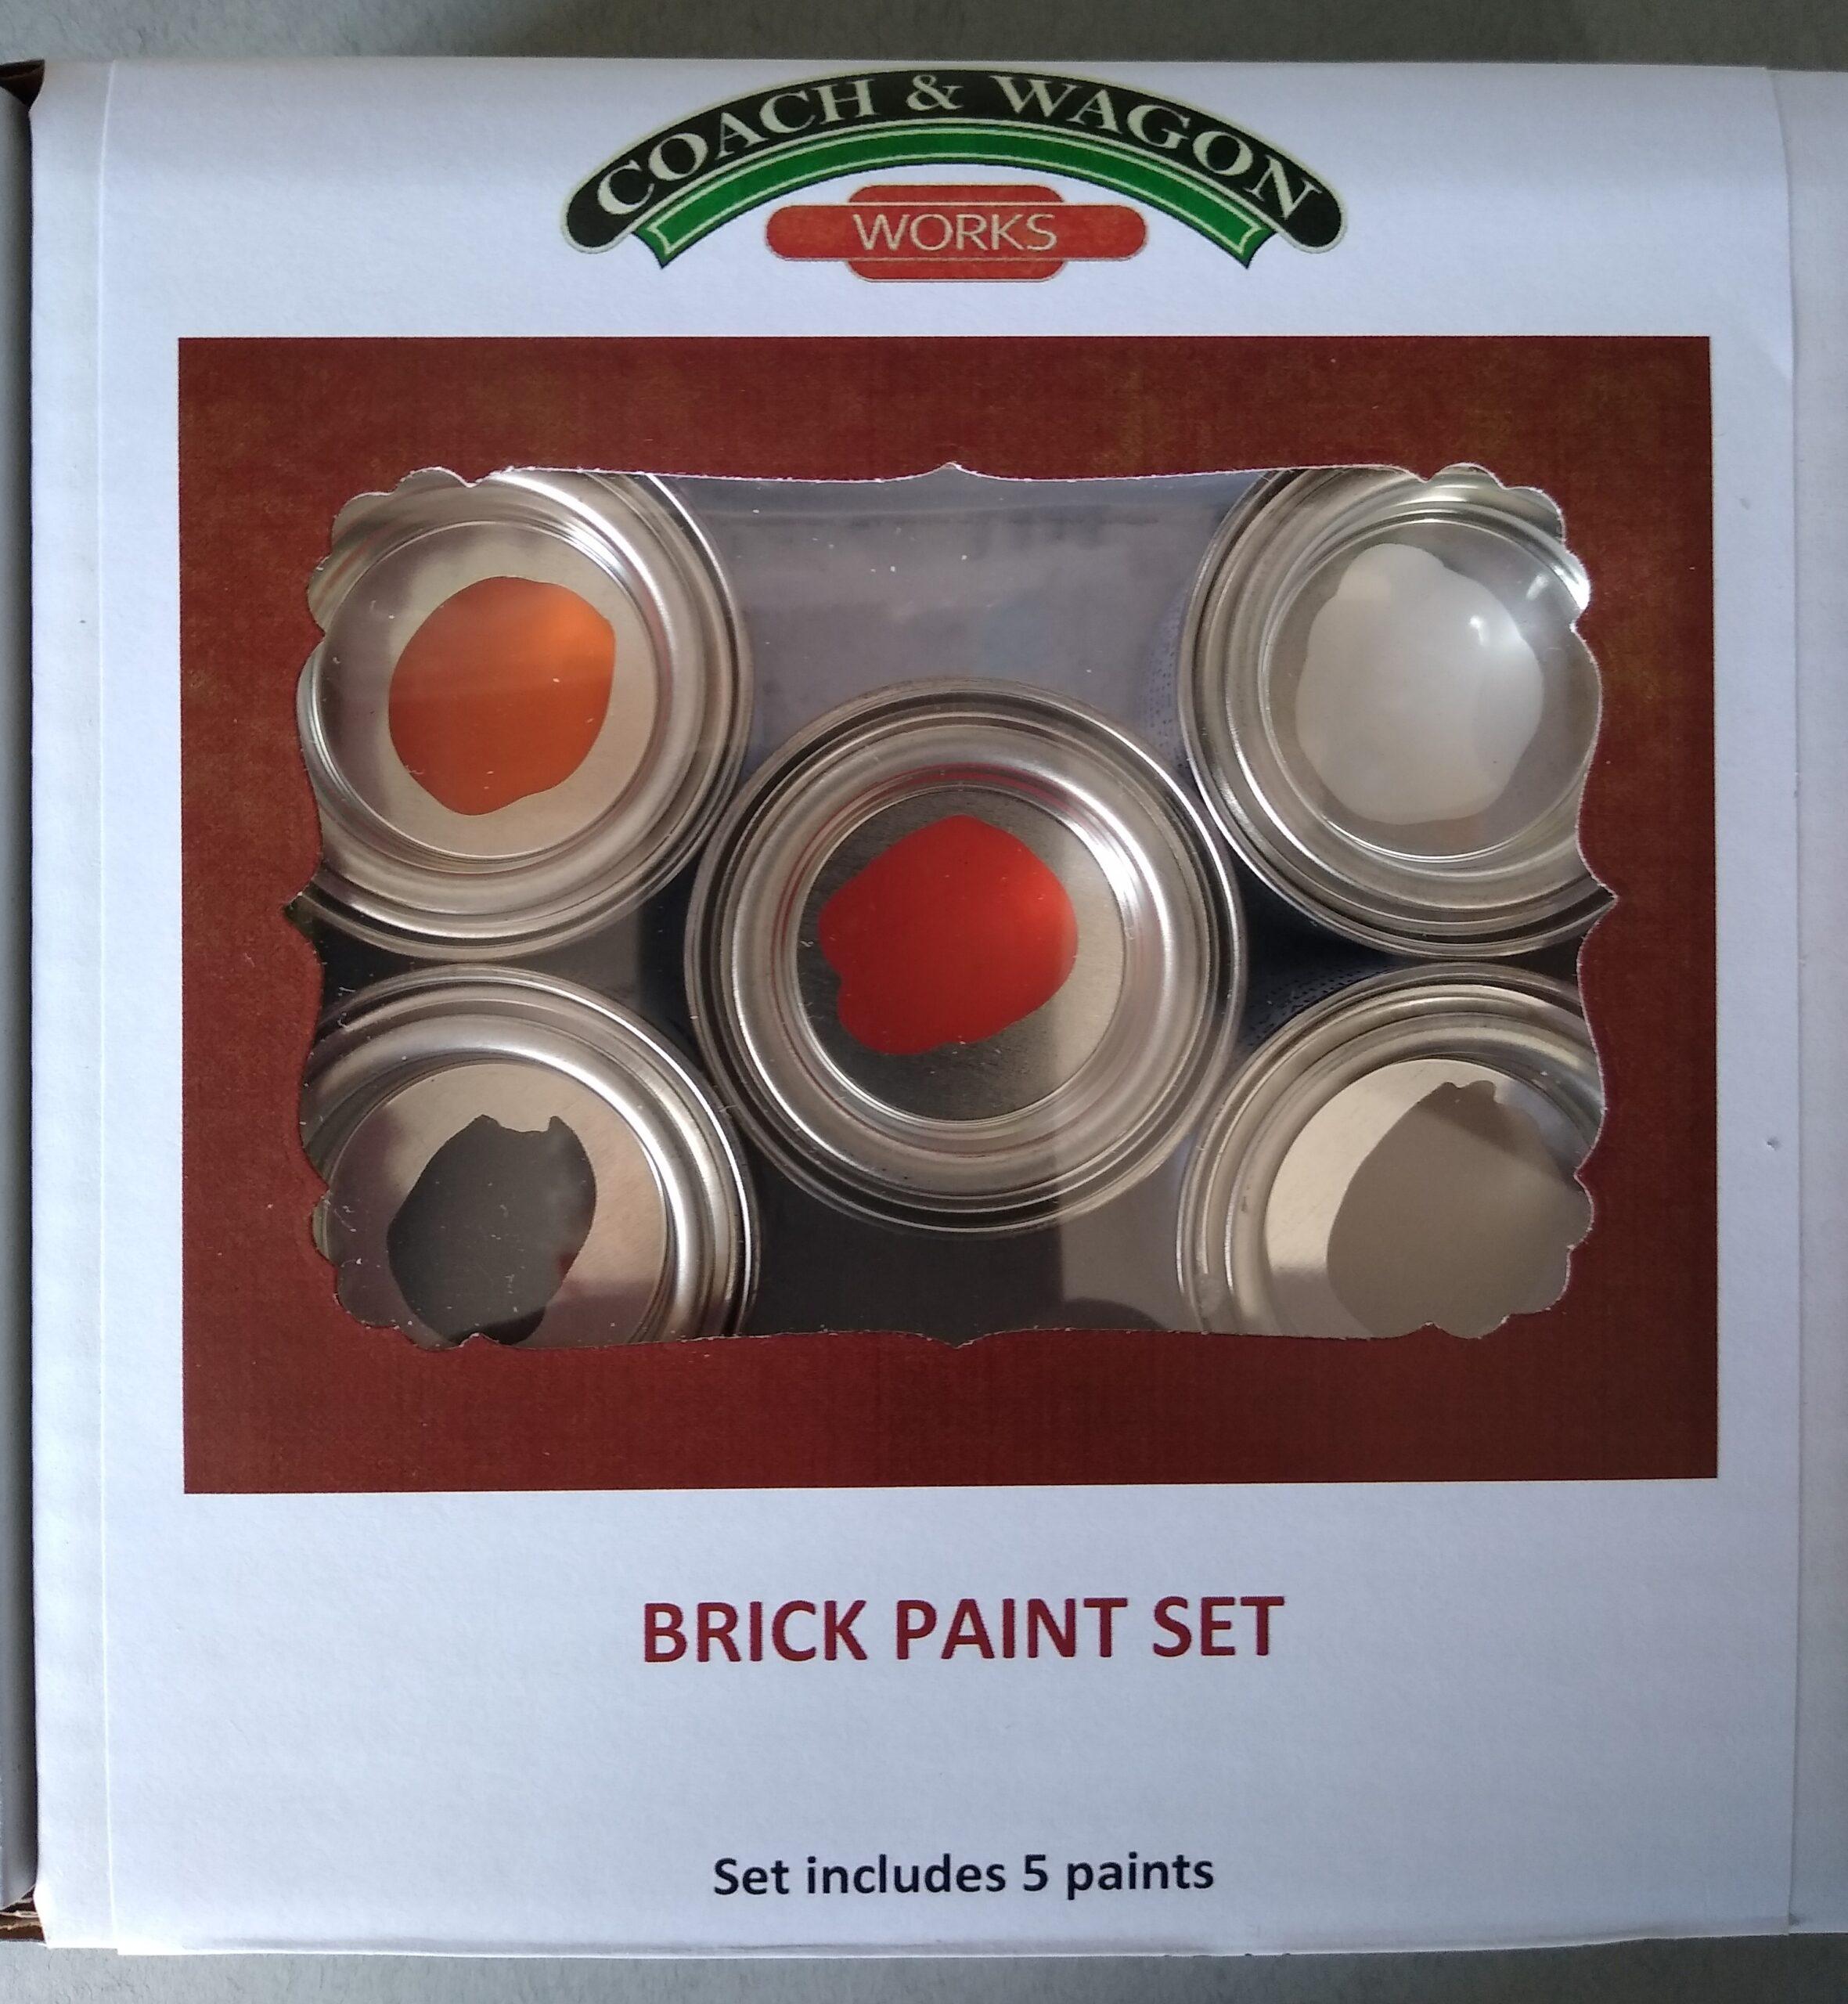 Builders yard paint Box Brick paint set